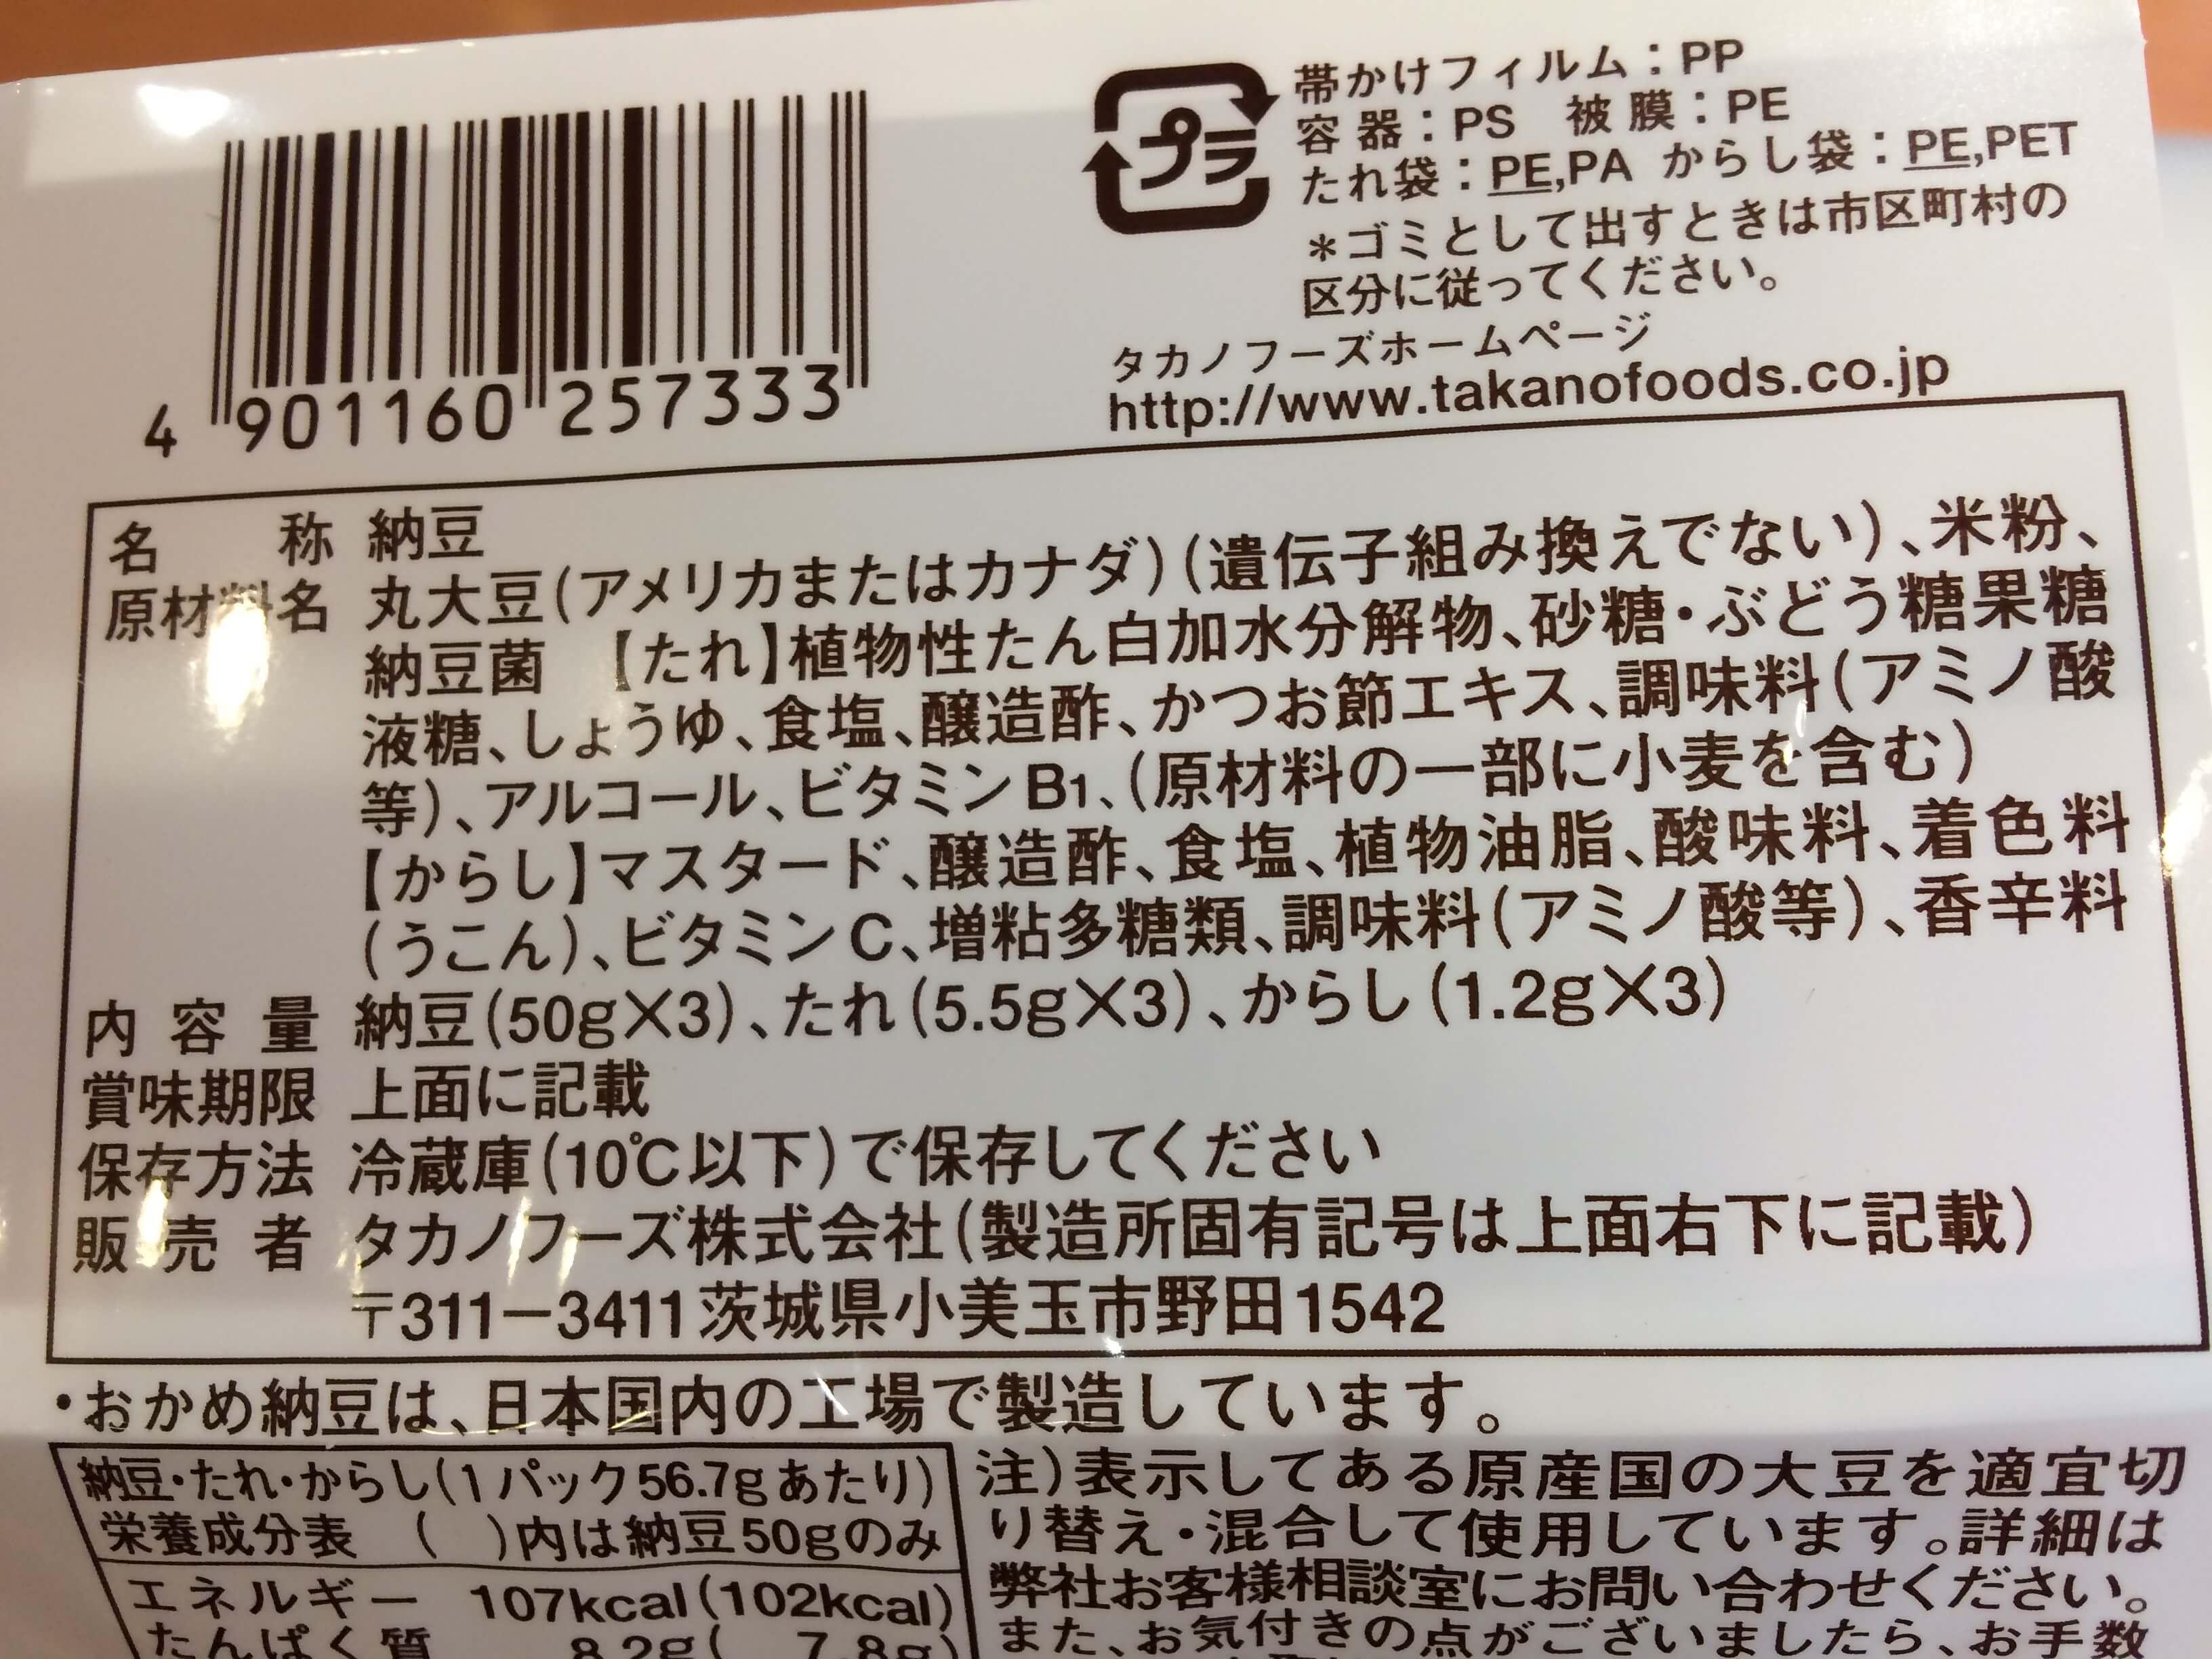 オイシックス直営店感想7